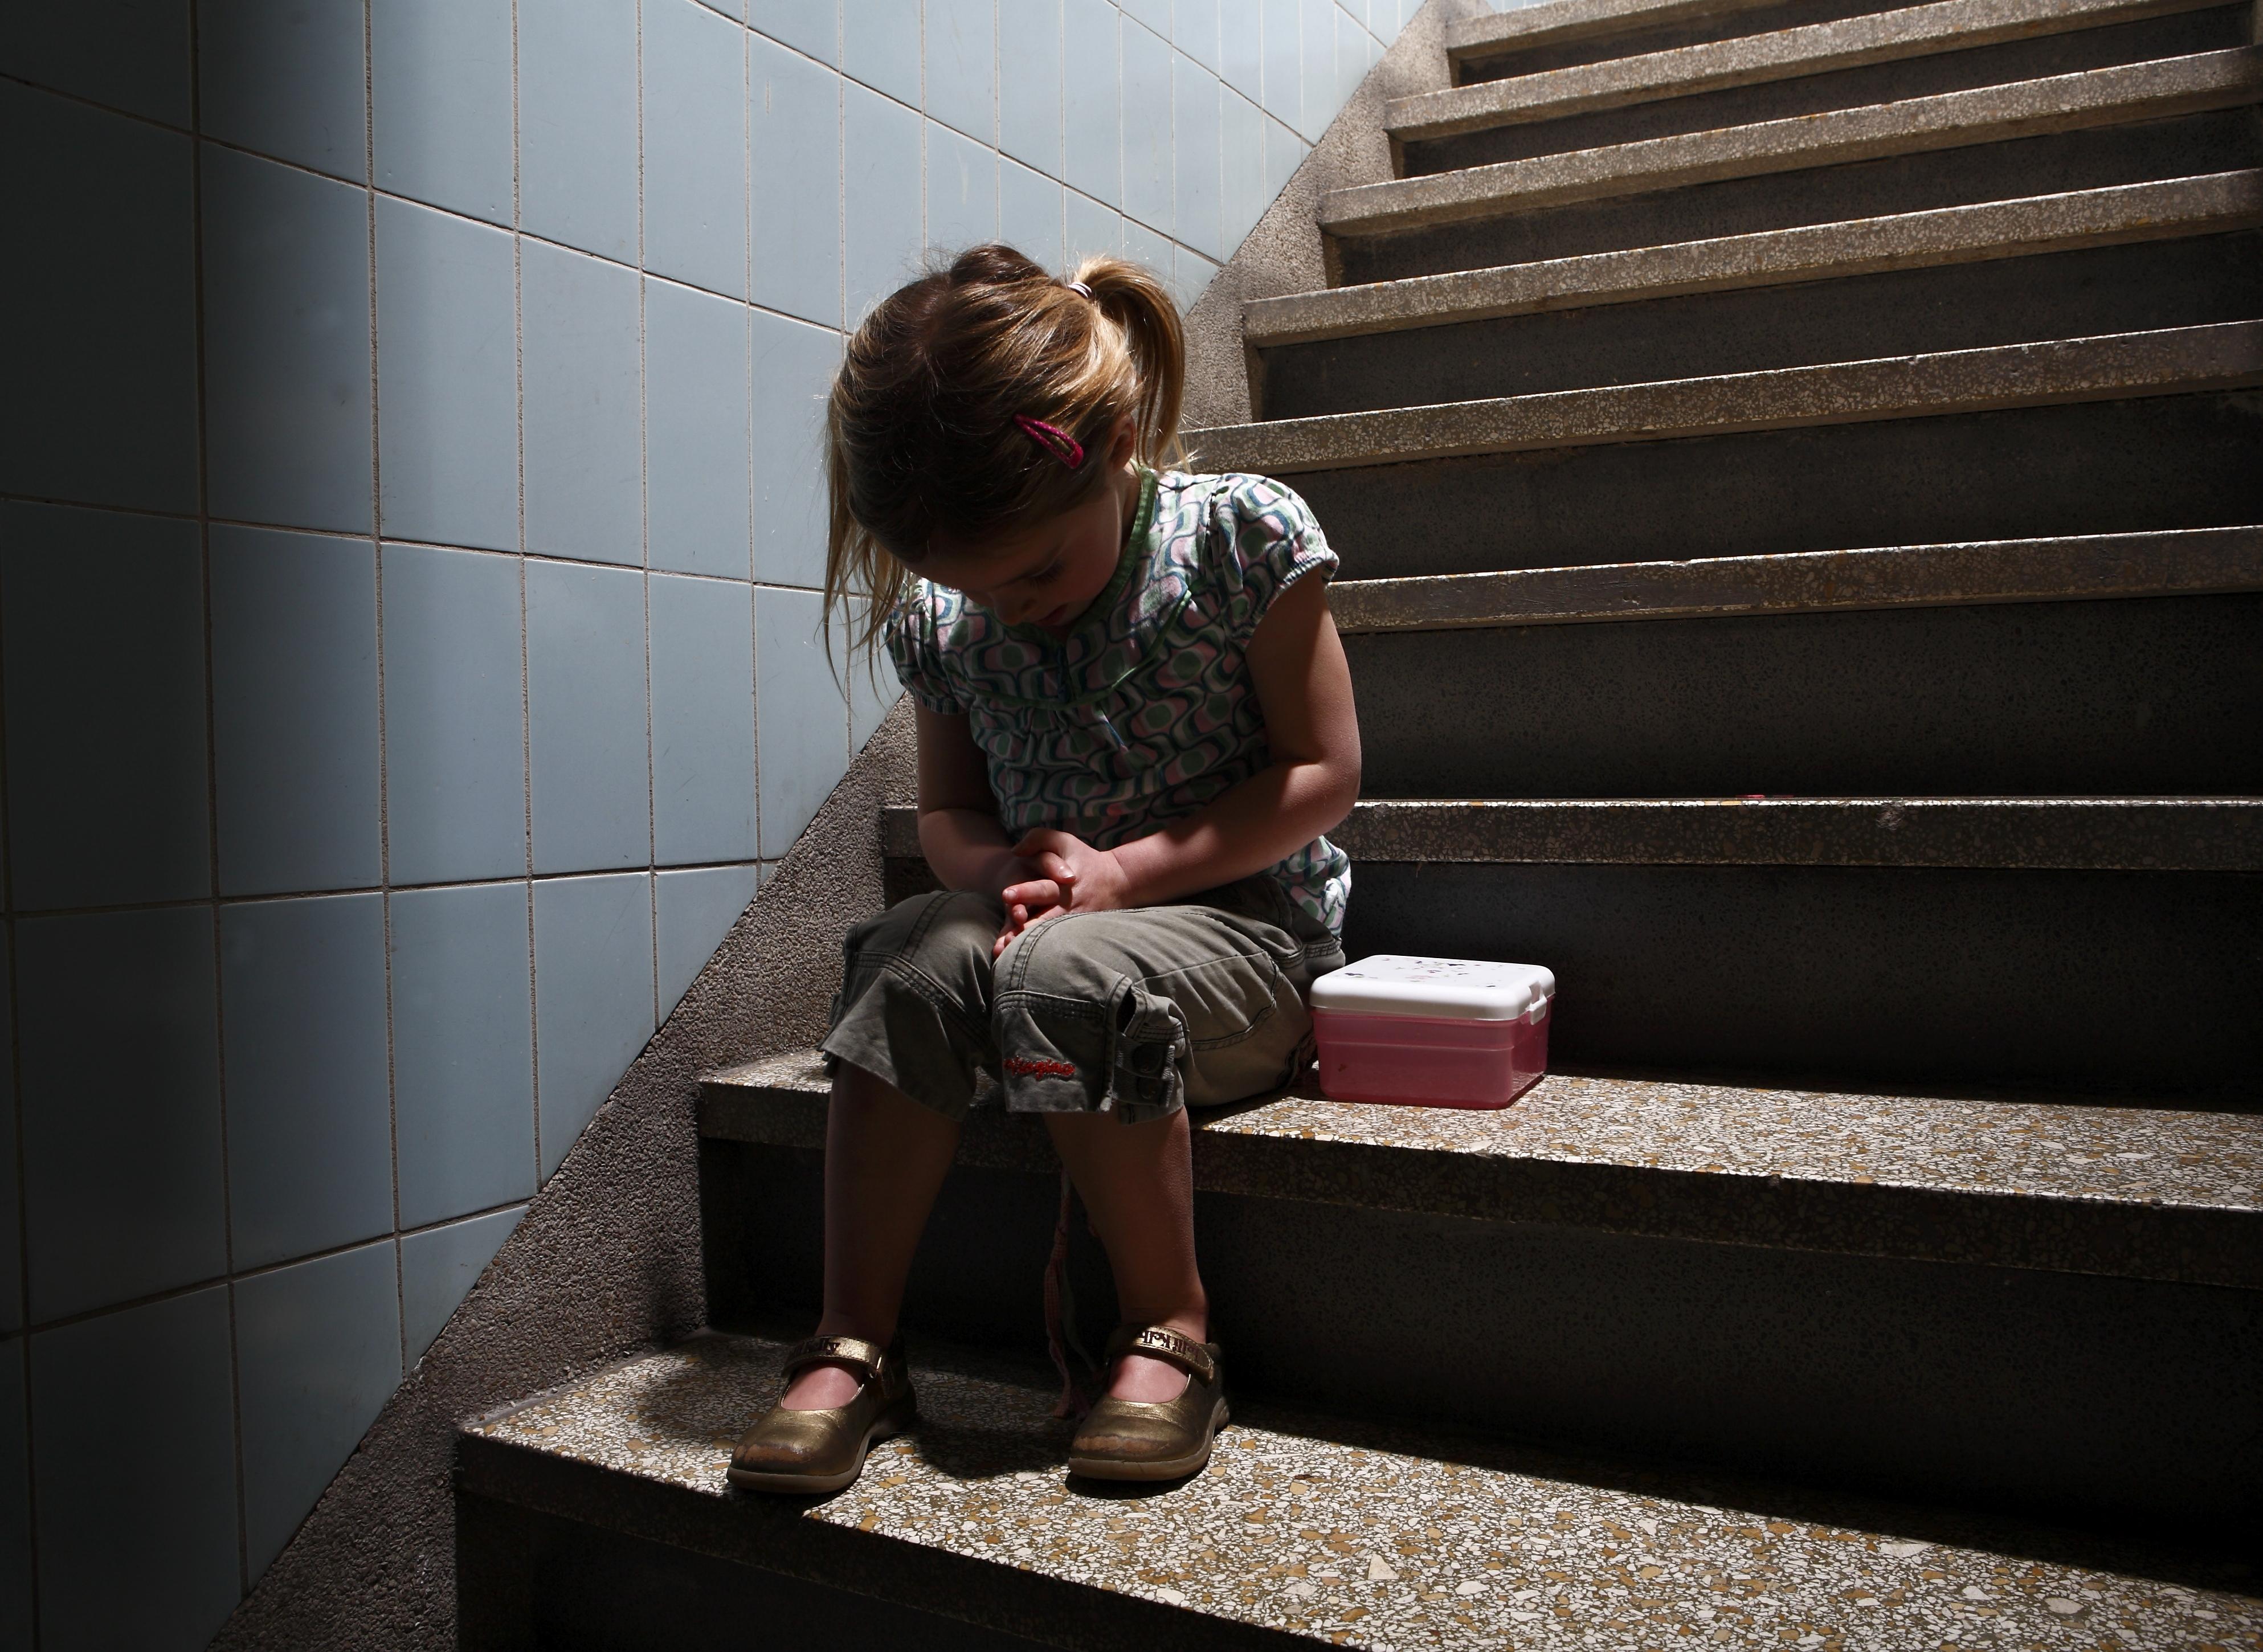 Hatéves kislánynak mutogatta magát egy 61 éves brit férfi egy belvárosi templomban